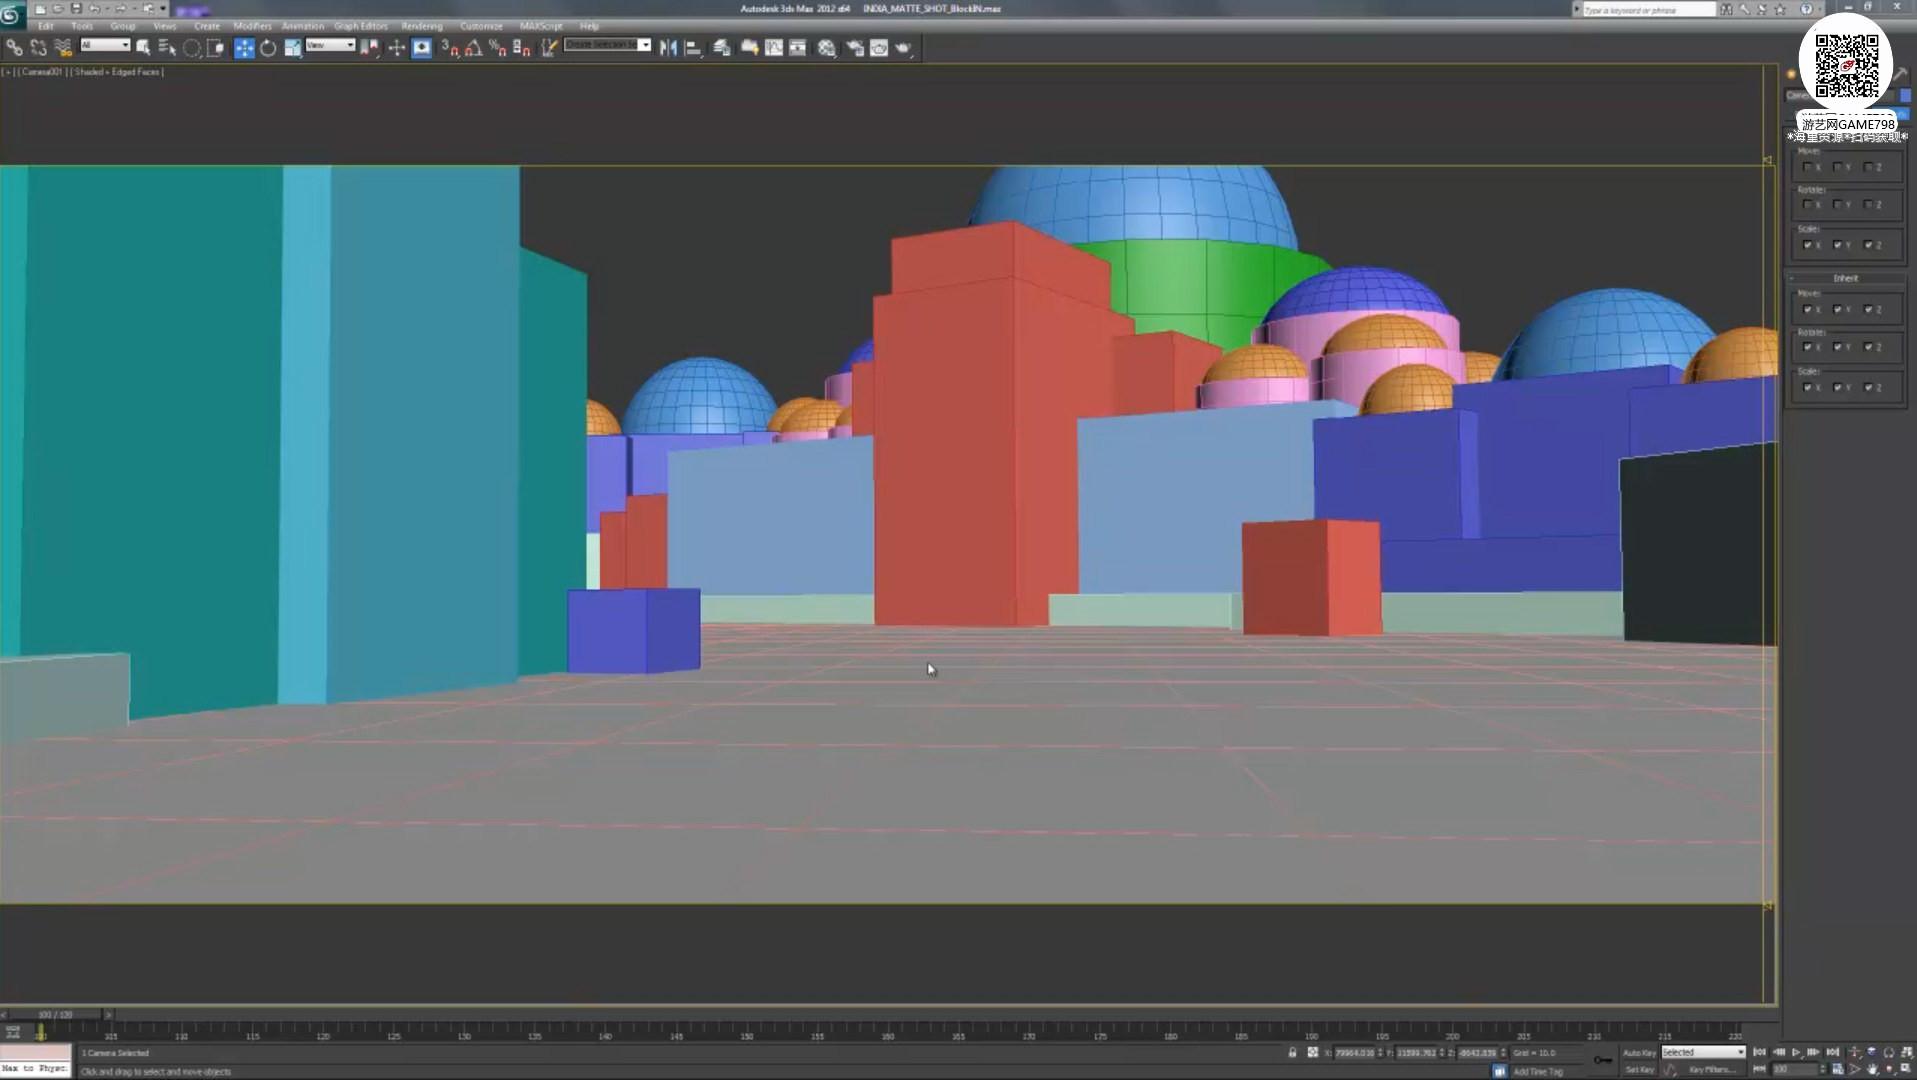 003_关注-游艺网GAME798海量资源下载【视频教程】超写实场景设定制作流程.jpg